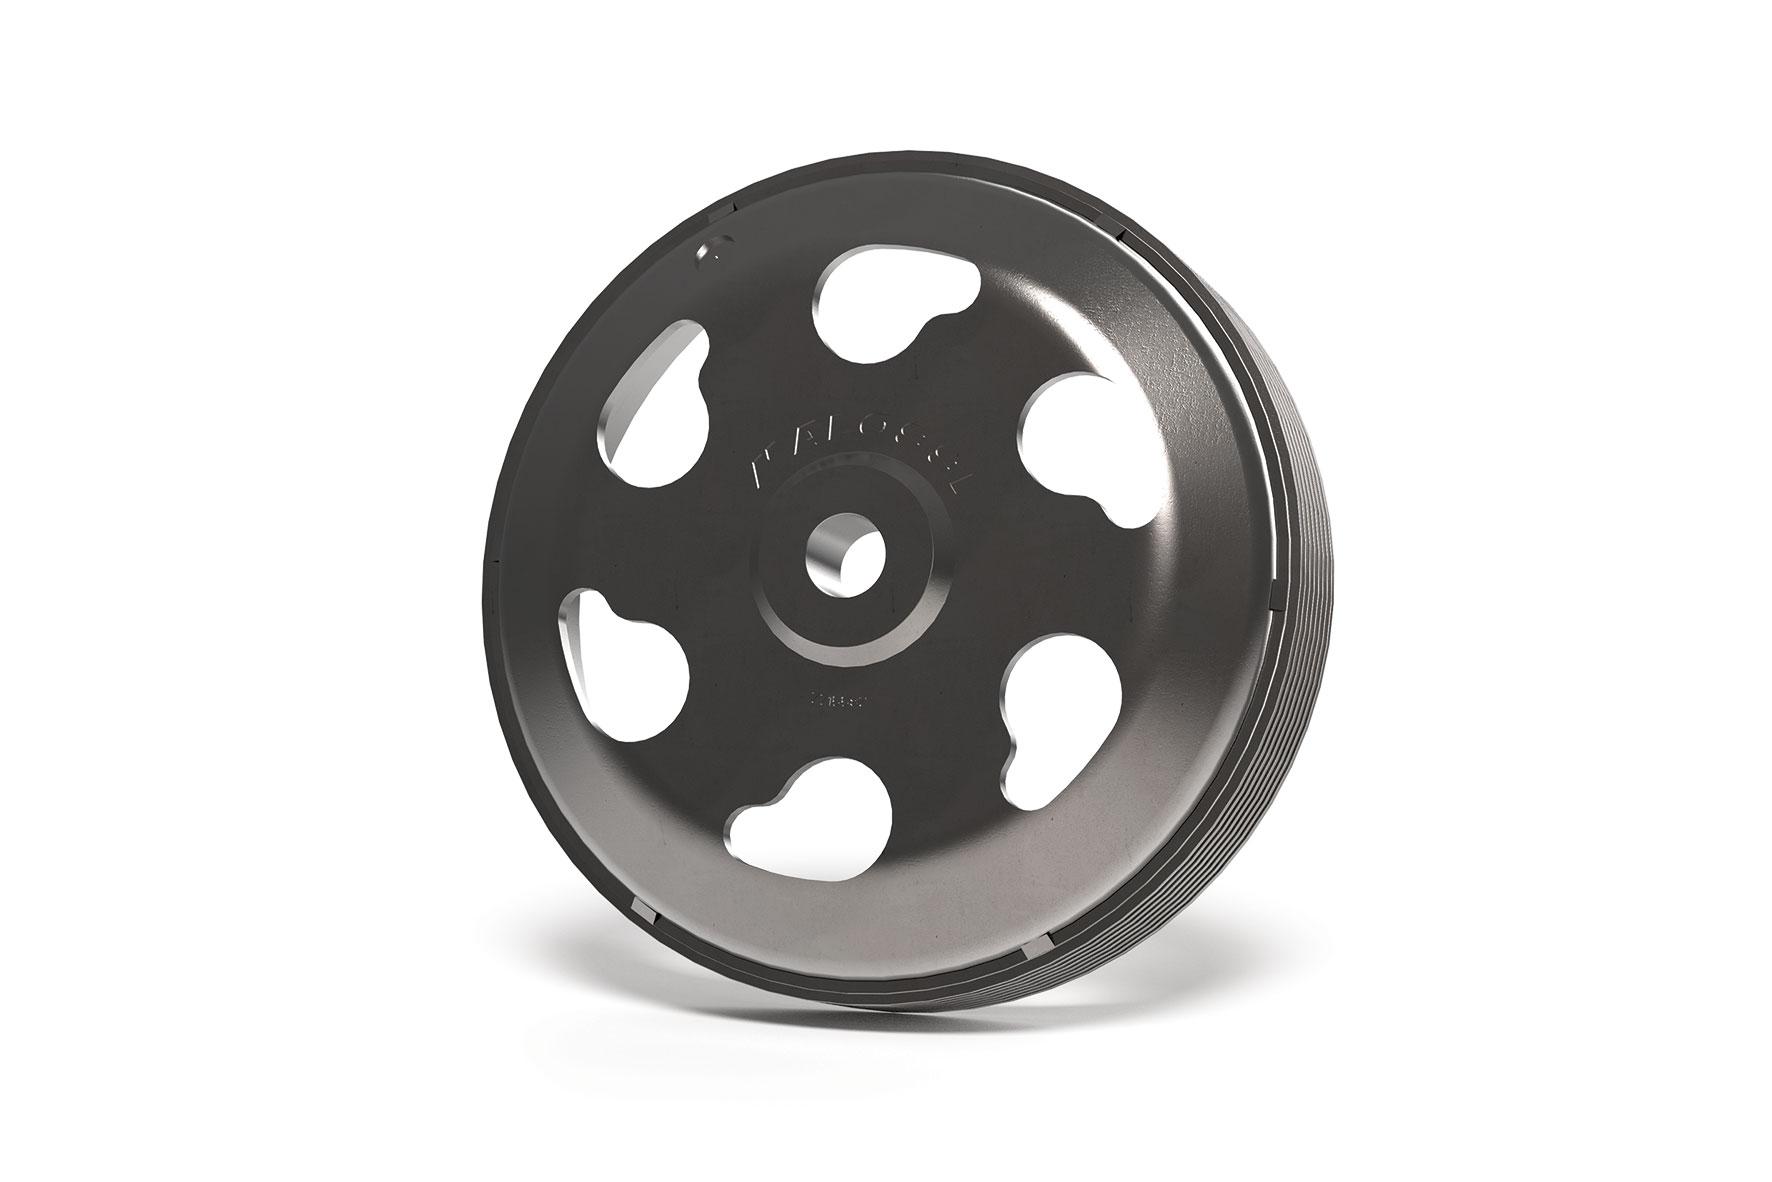 MAXI WING CLUTCH BELL Kupplungsgl. Innen Ø 160 mm WEIGHT 1664 gramm